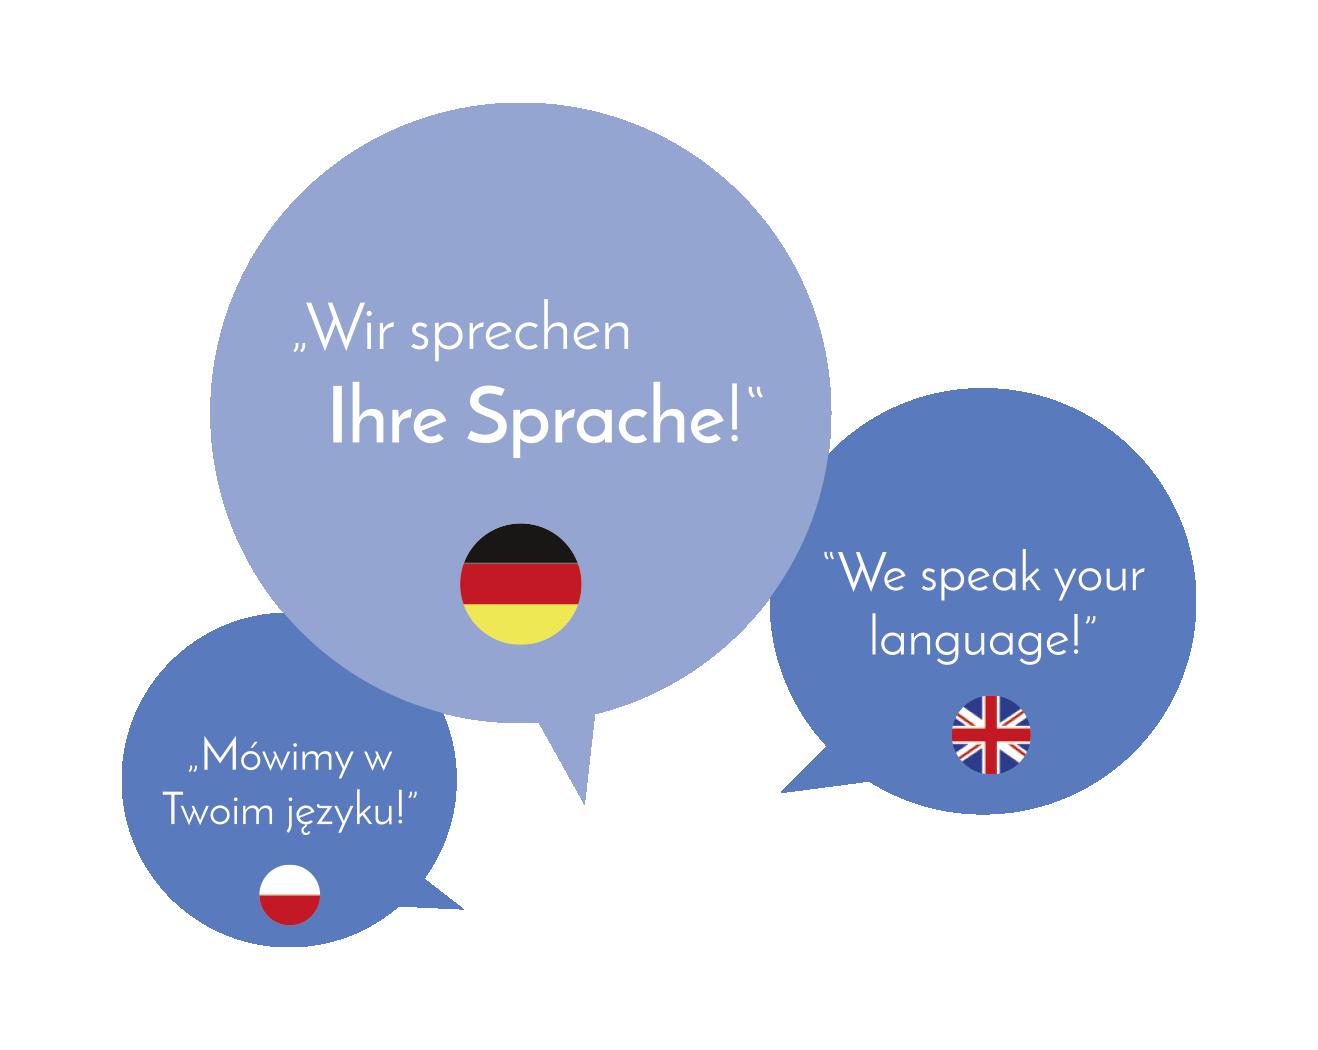 Wir sprechen deutsch, englisch und polnisch.